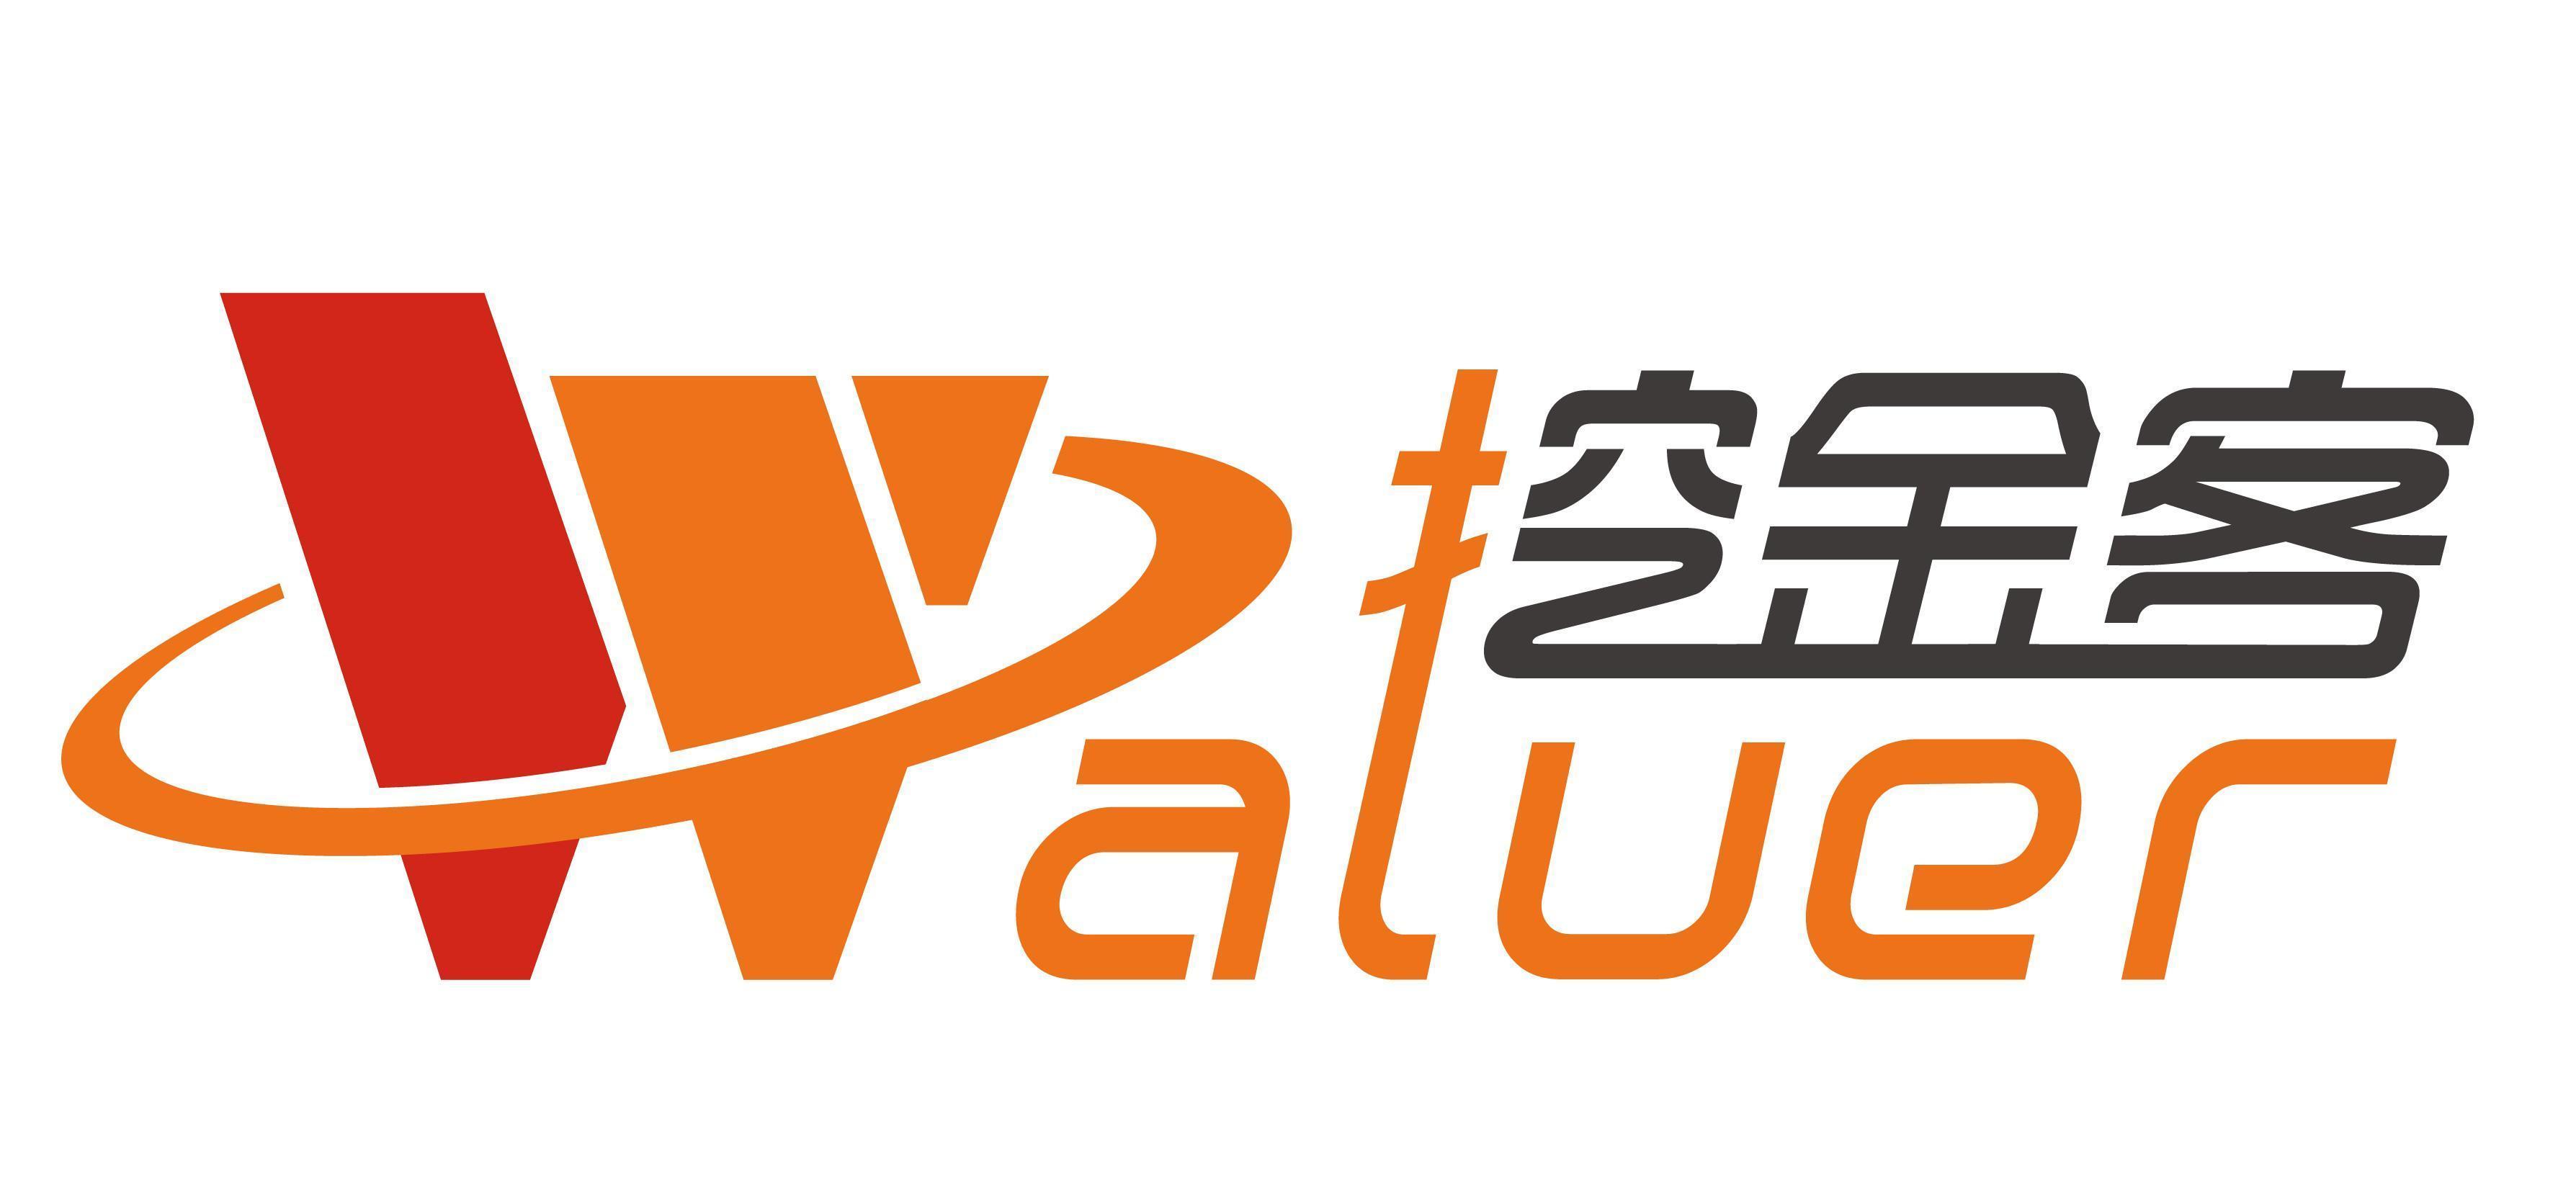 logo logo 标志 设计 矢量 矢量图 素材 图标 3576_1672